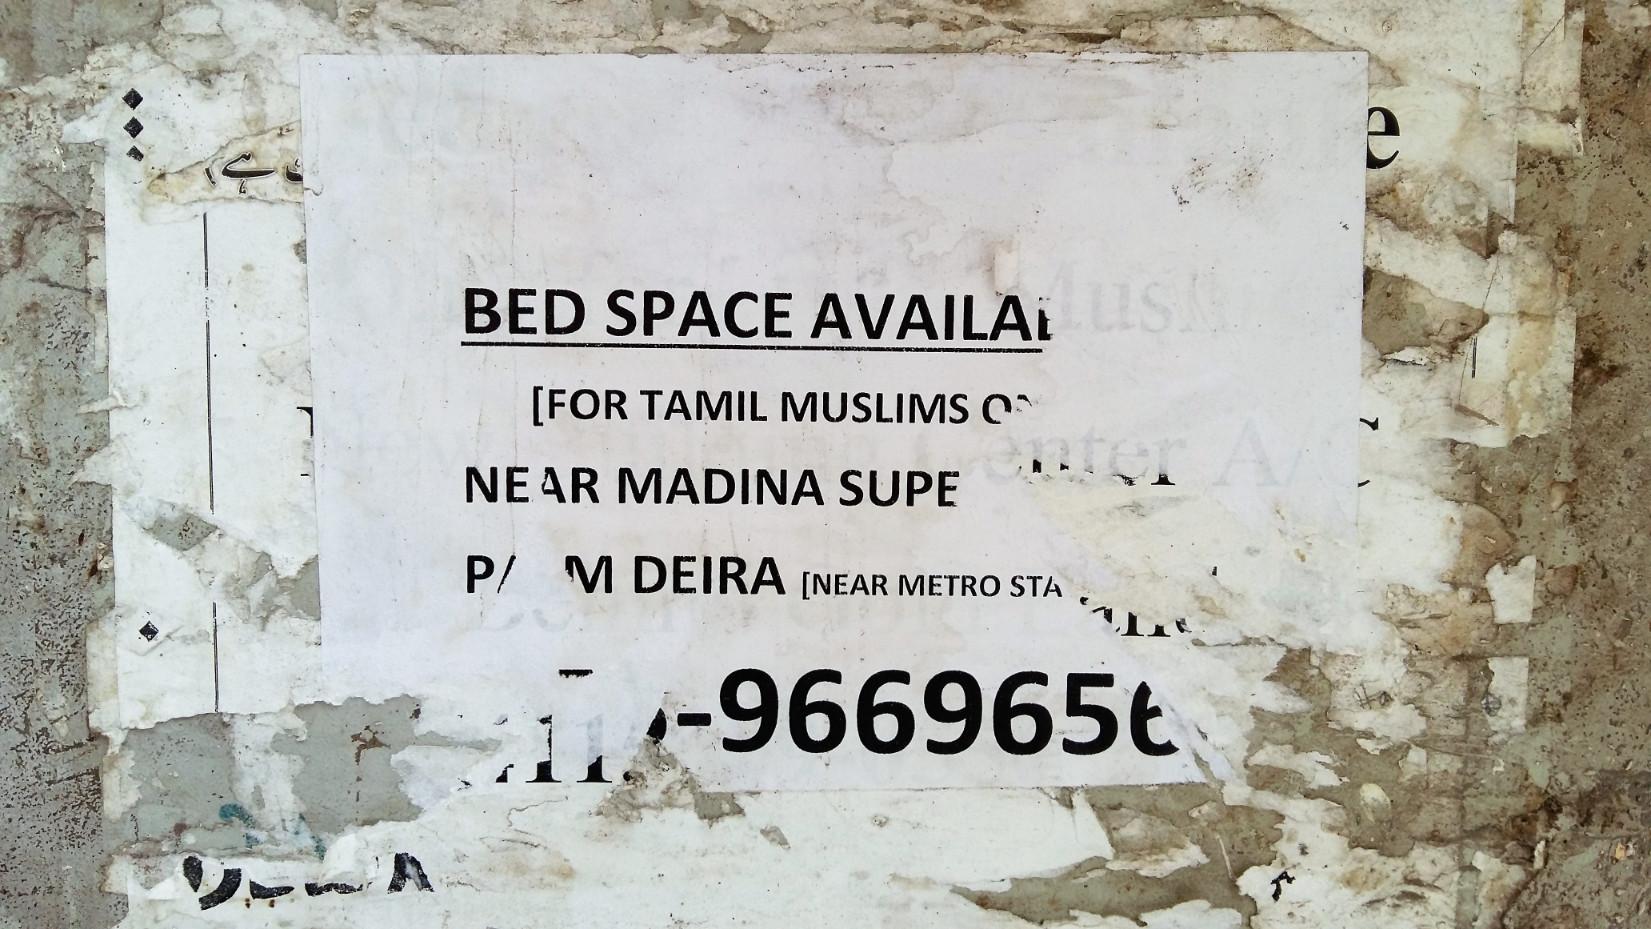 Tehát nem szobákat, csak ágyat